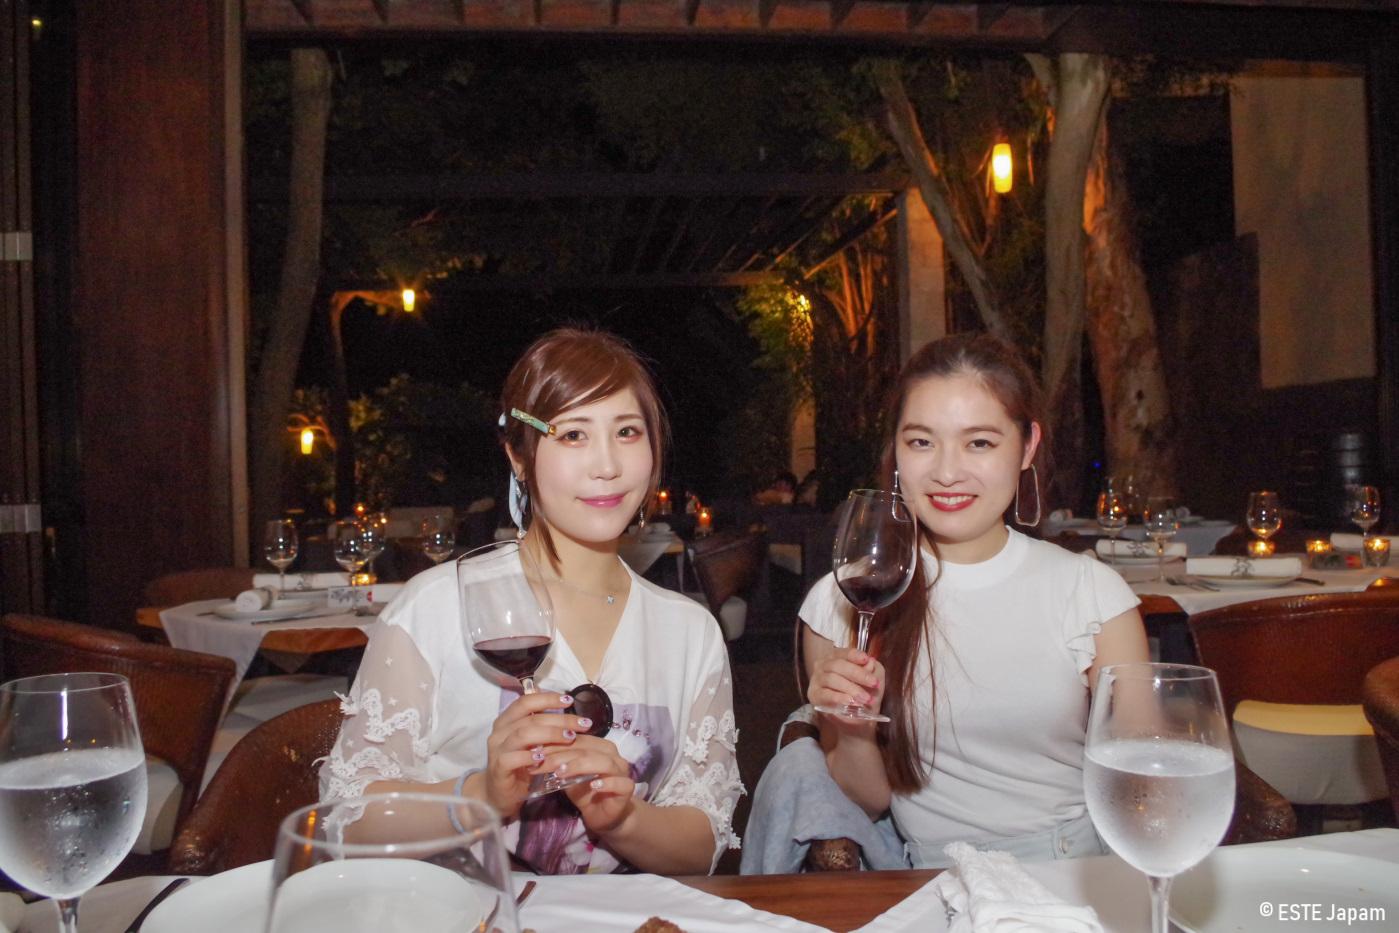 アバカで食事をする女性2名